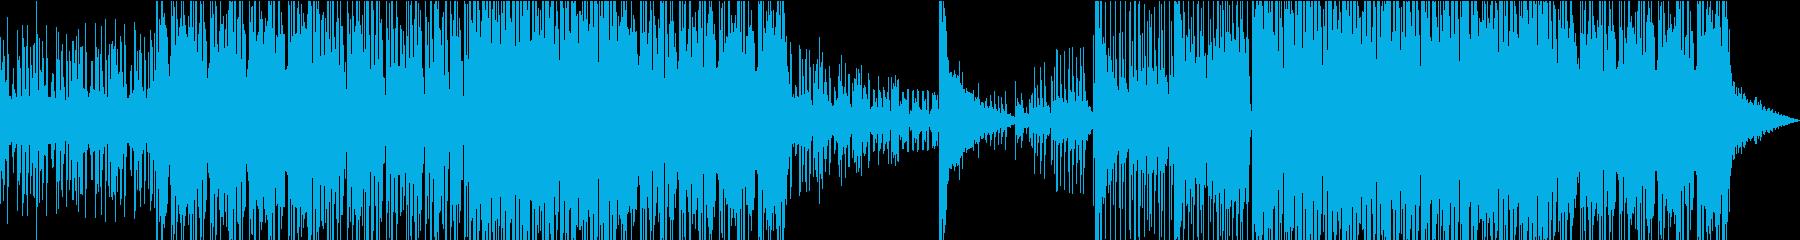 明るくファンキーなエレクトロポップスの再生済みの波形